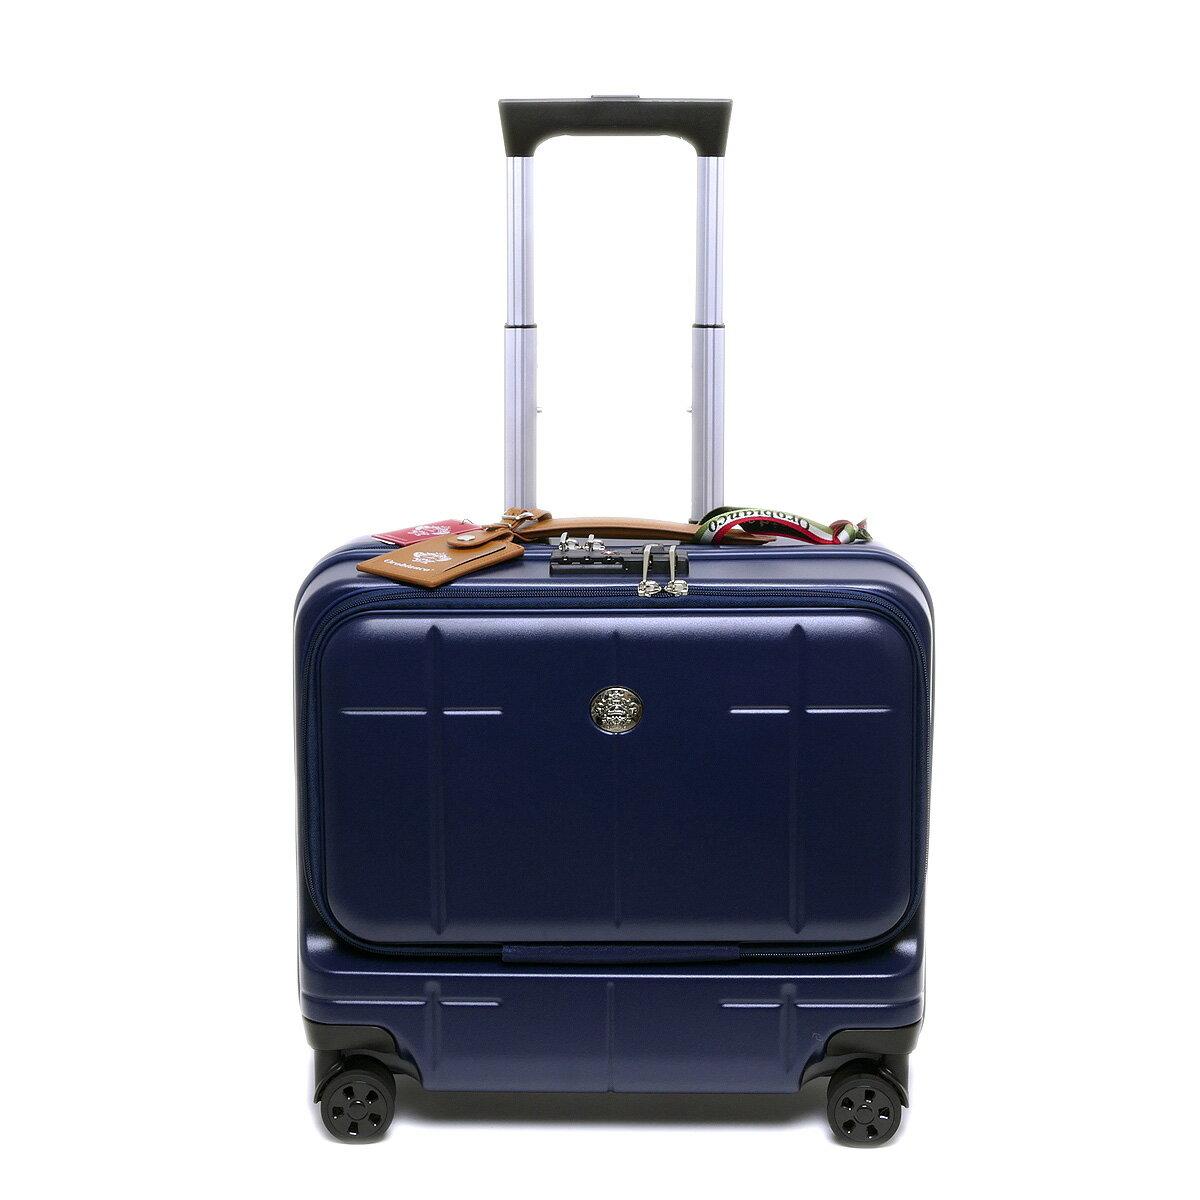 オロビアンコ【国内正規品】 スーツケース ARZILLO アルズィーロ 横型 ネイビー OROBIANCO